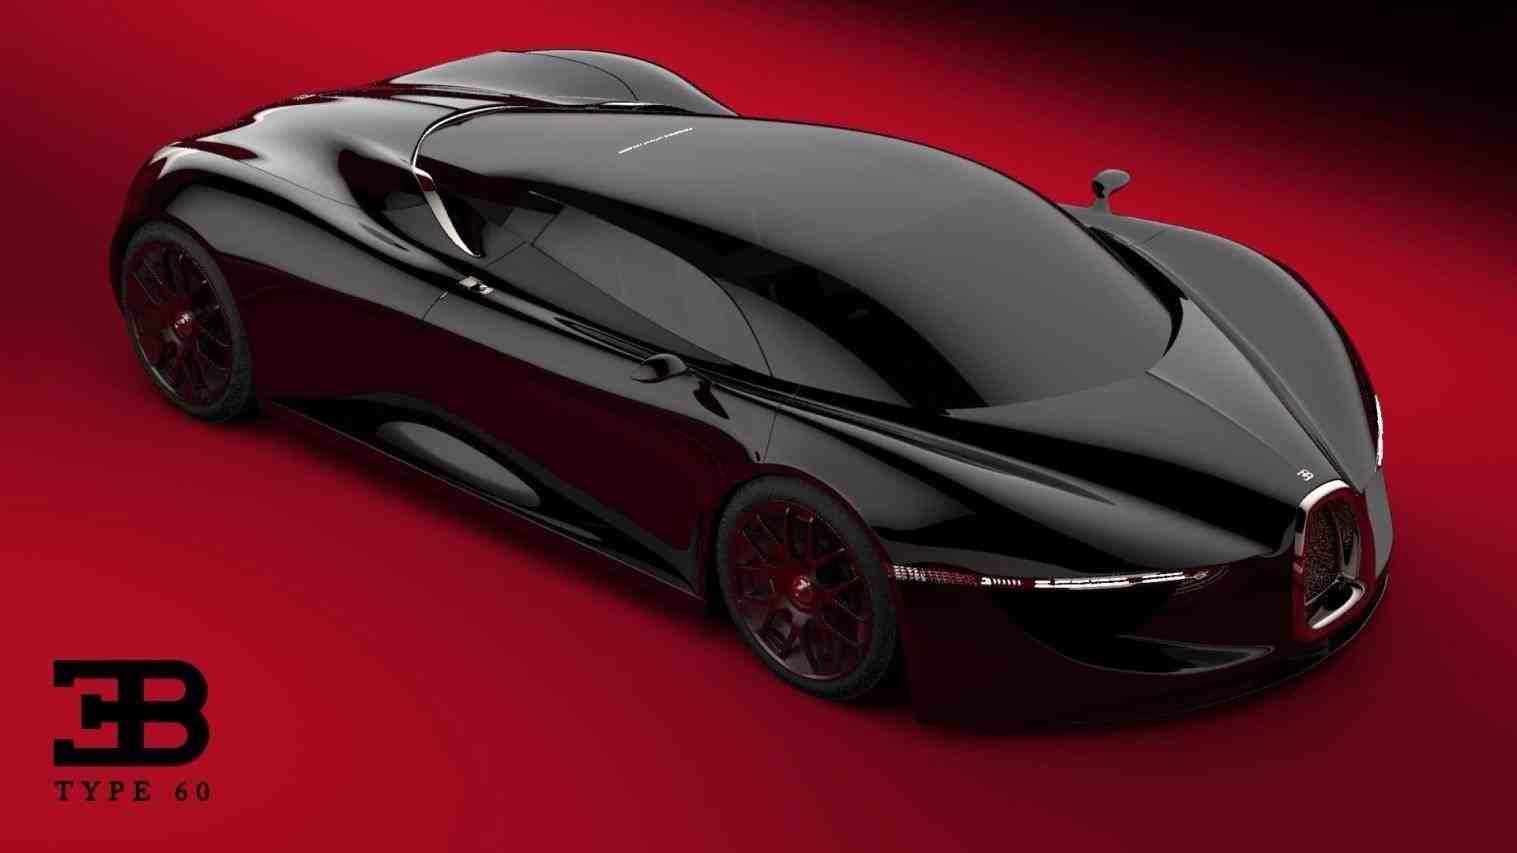 76 The 2020 Bugatti Veyron Price Style for 2020 Bugatti Veyron Price